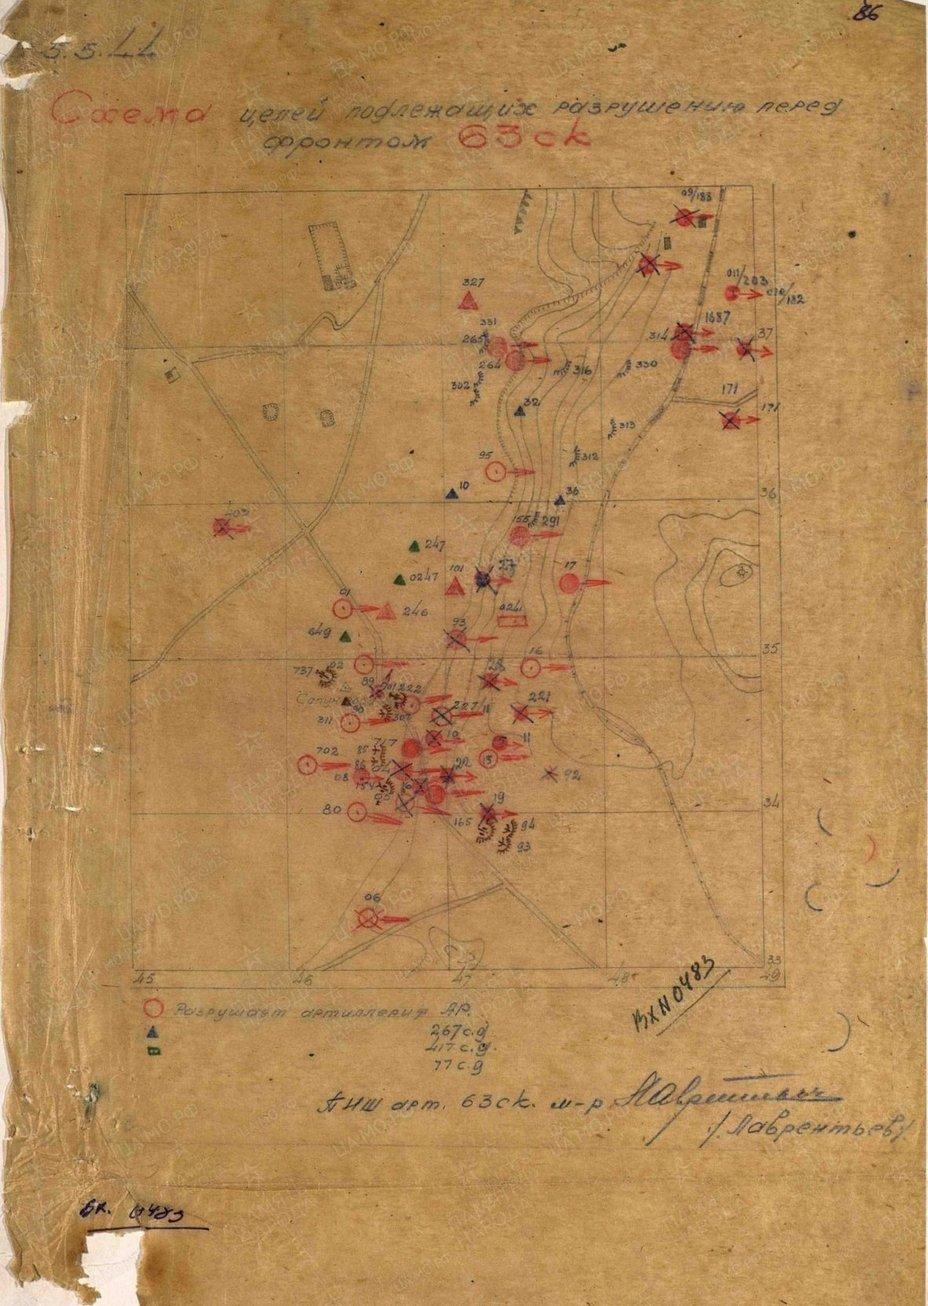 Схема целей перед фронтом 63-го СК. pamyat-naroda.ru - Освобождение врат Севастополя | Warspot.ru